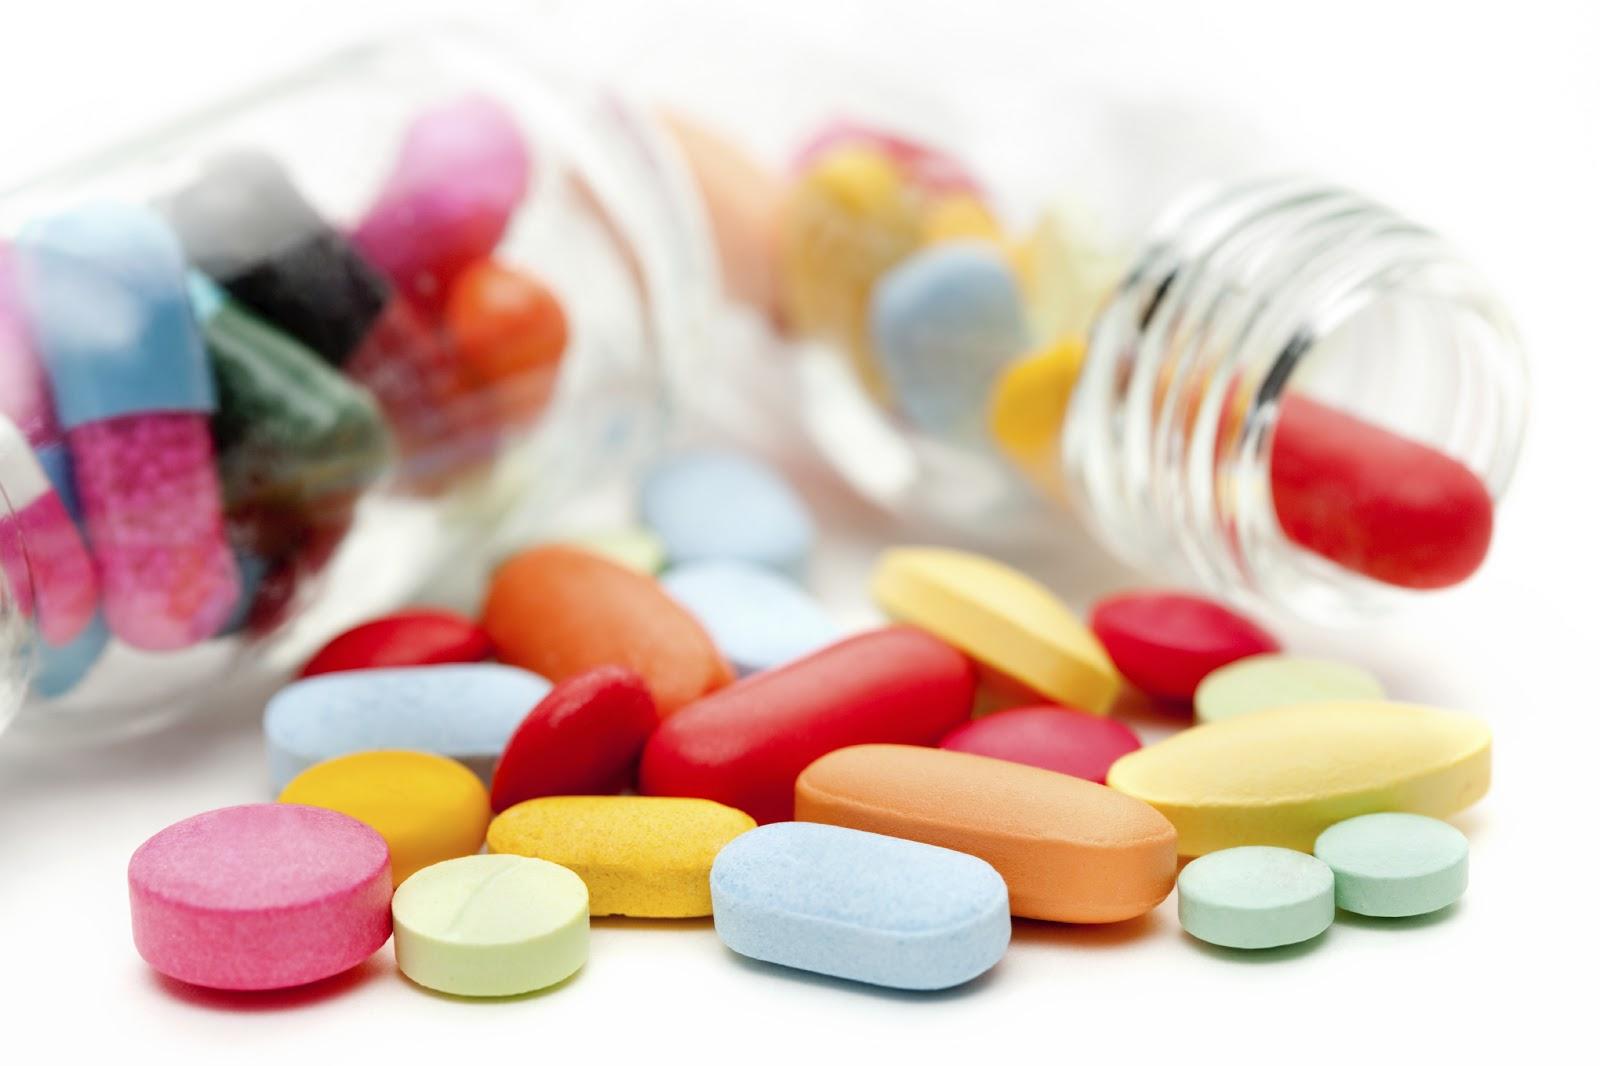 صورة وزارة الصحة توضح حقيقة بيع أدوية انفلونزا مغشوشة بالصيدليات